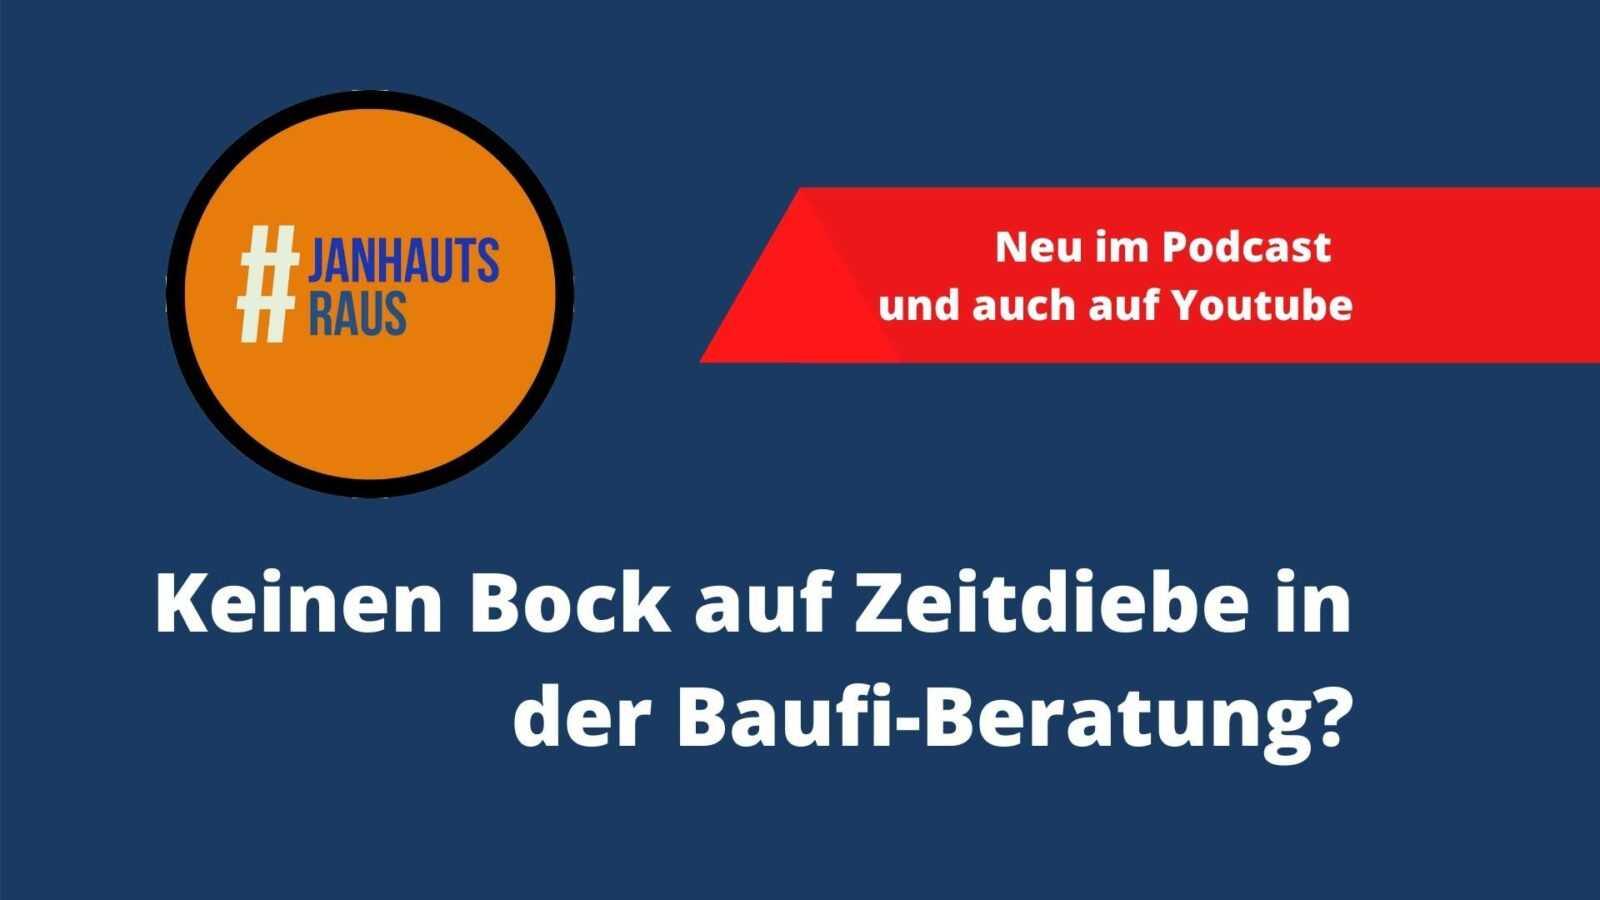 #janhautsraus - Keinen Bock auf Zeitdiebe in der Baufi-Beratung